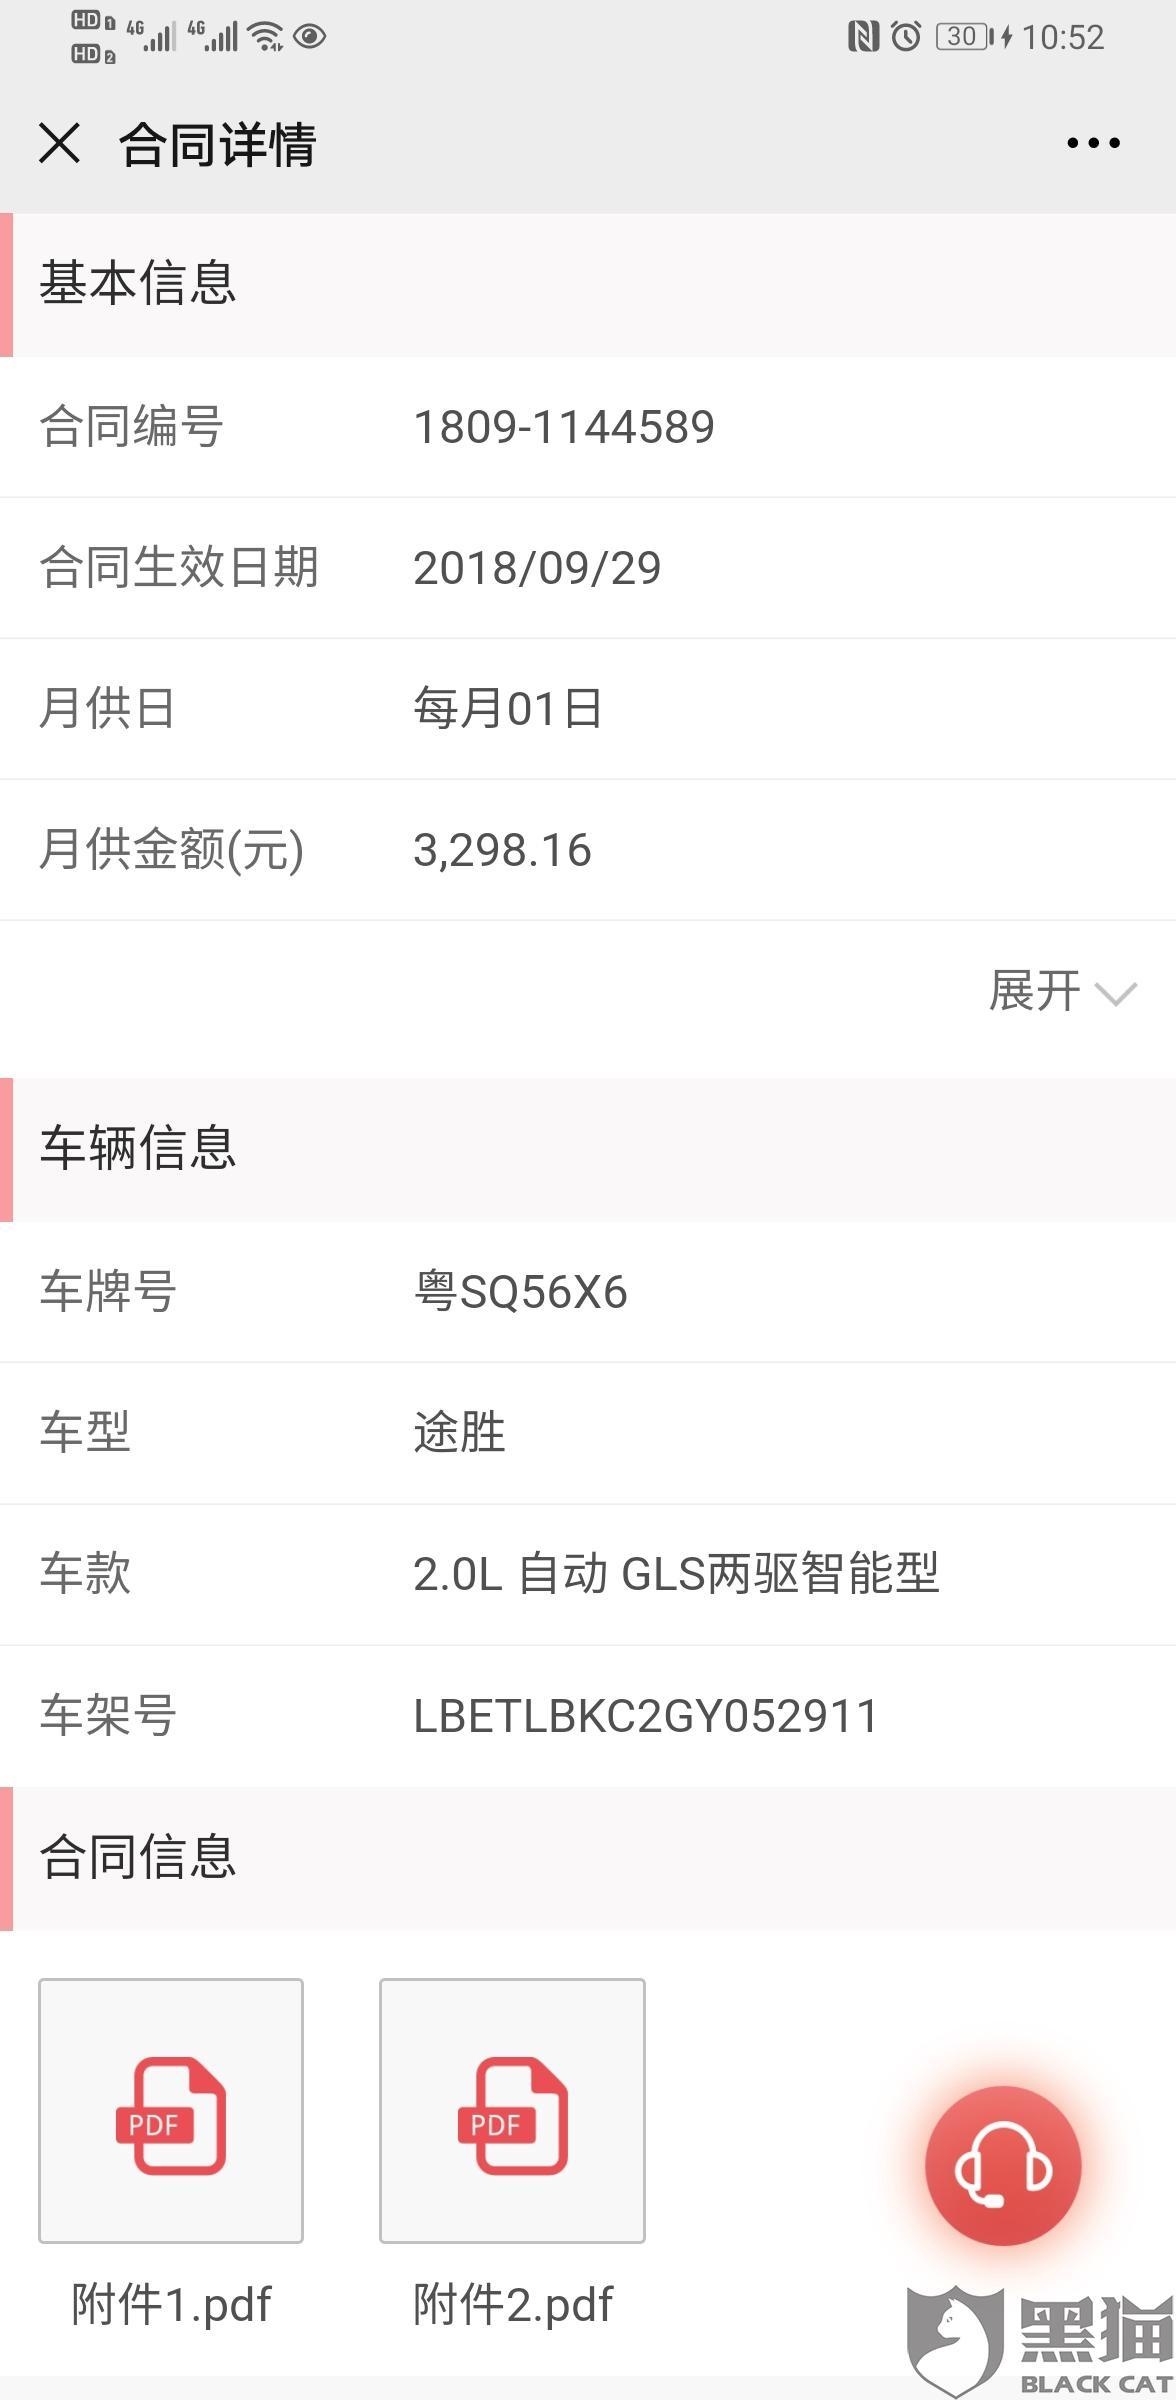 黑猫投诉:易鑫车贷贷款不给合同,合同金额私自造假,实际贷款88000,现99471元